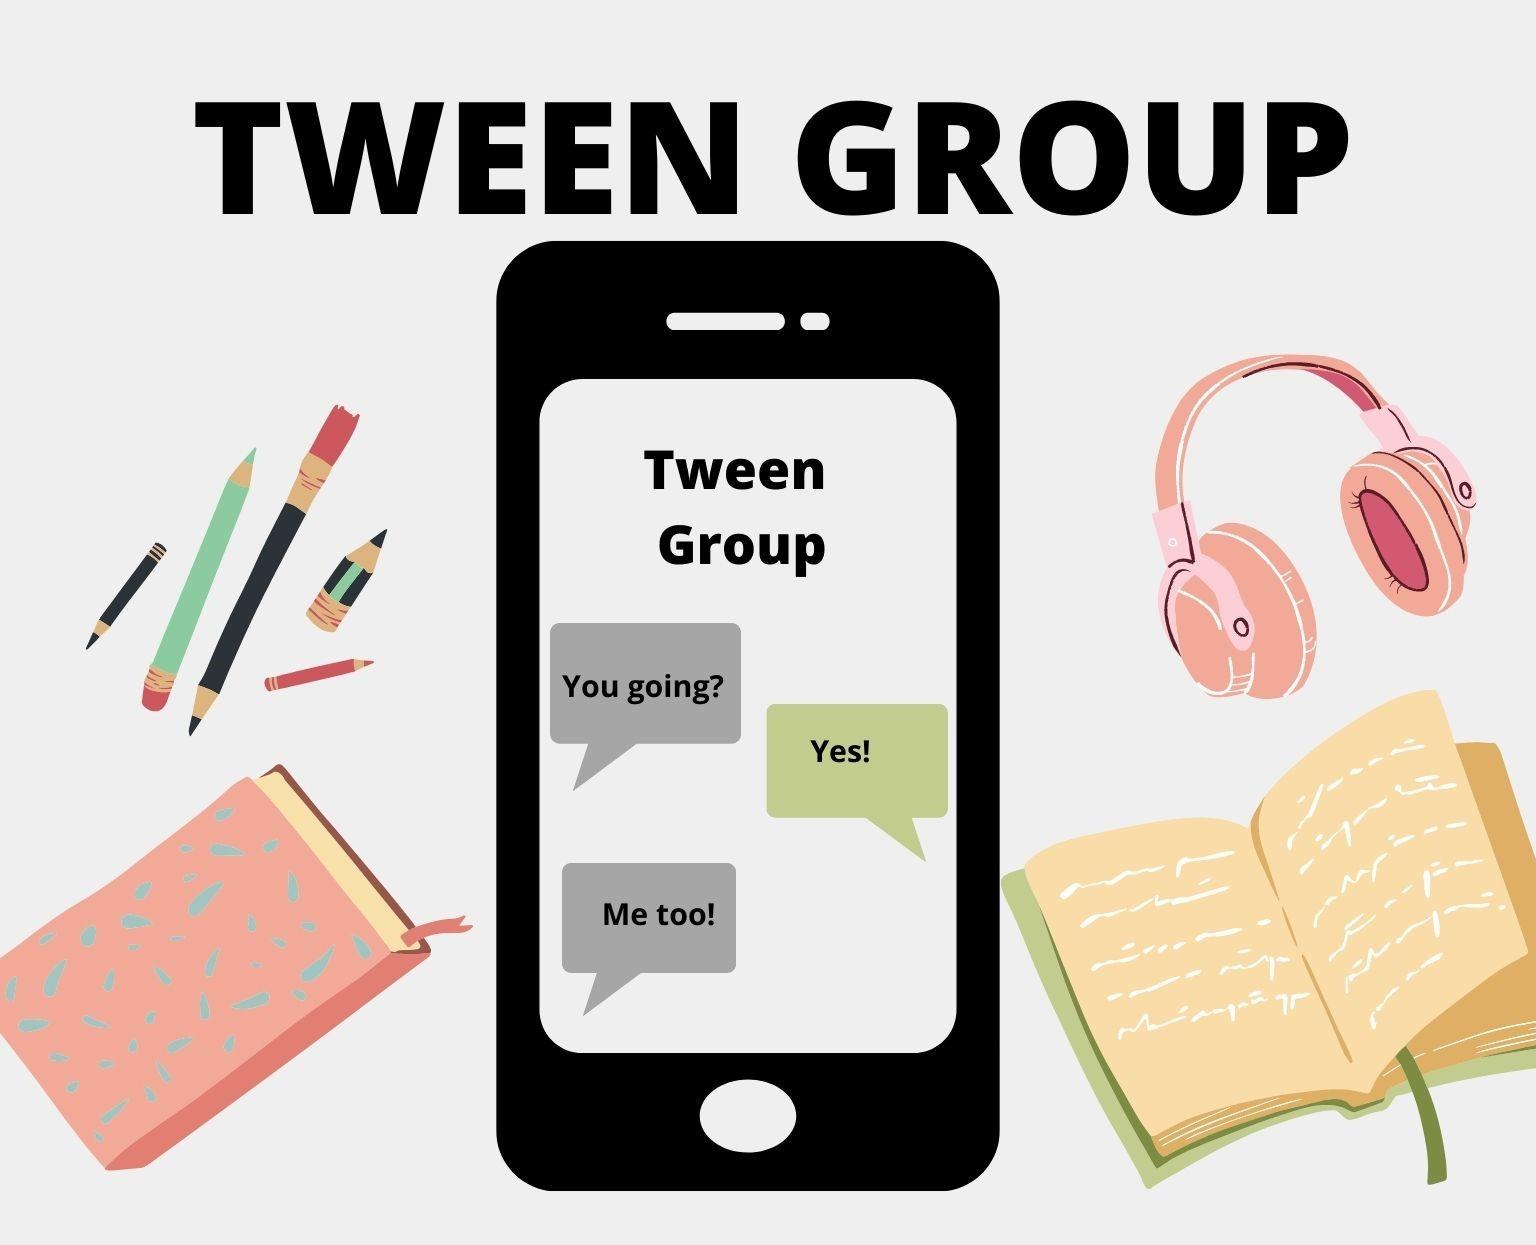 Tween Group Meeting